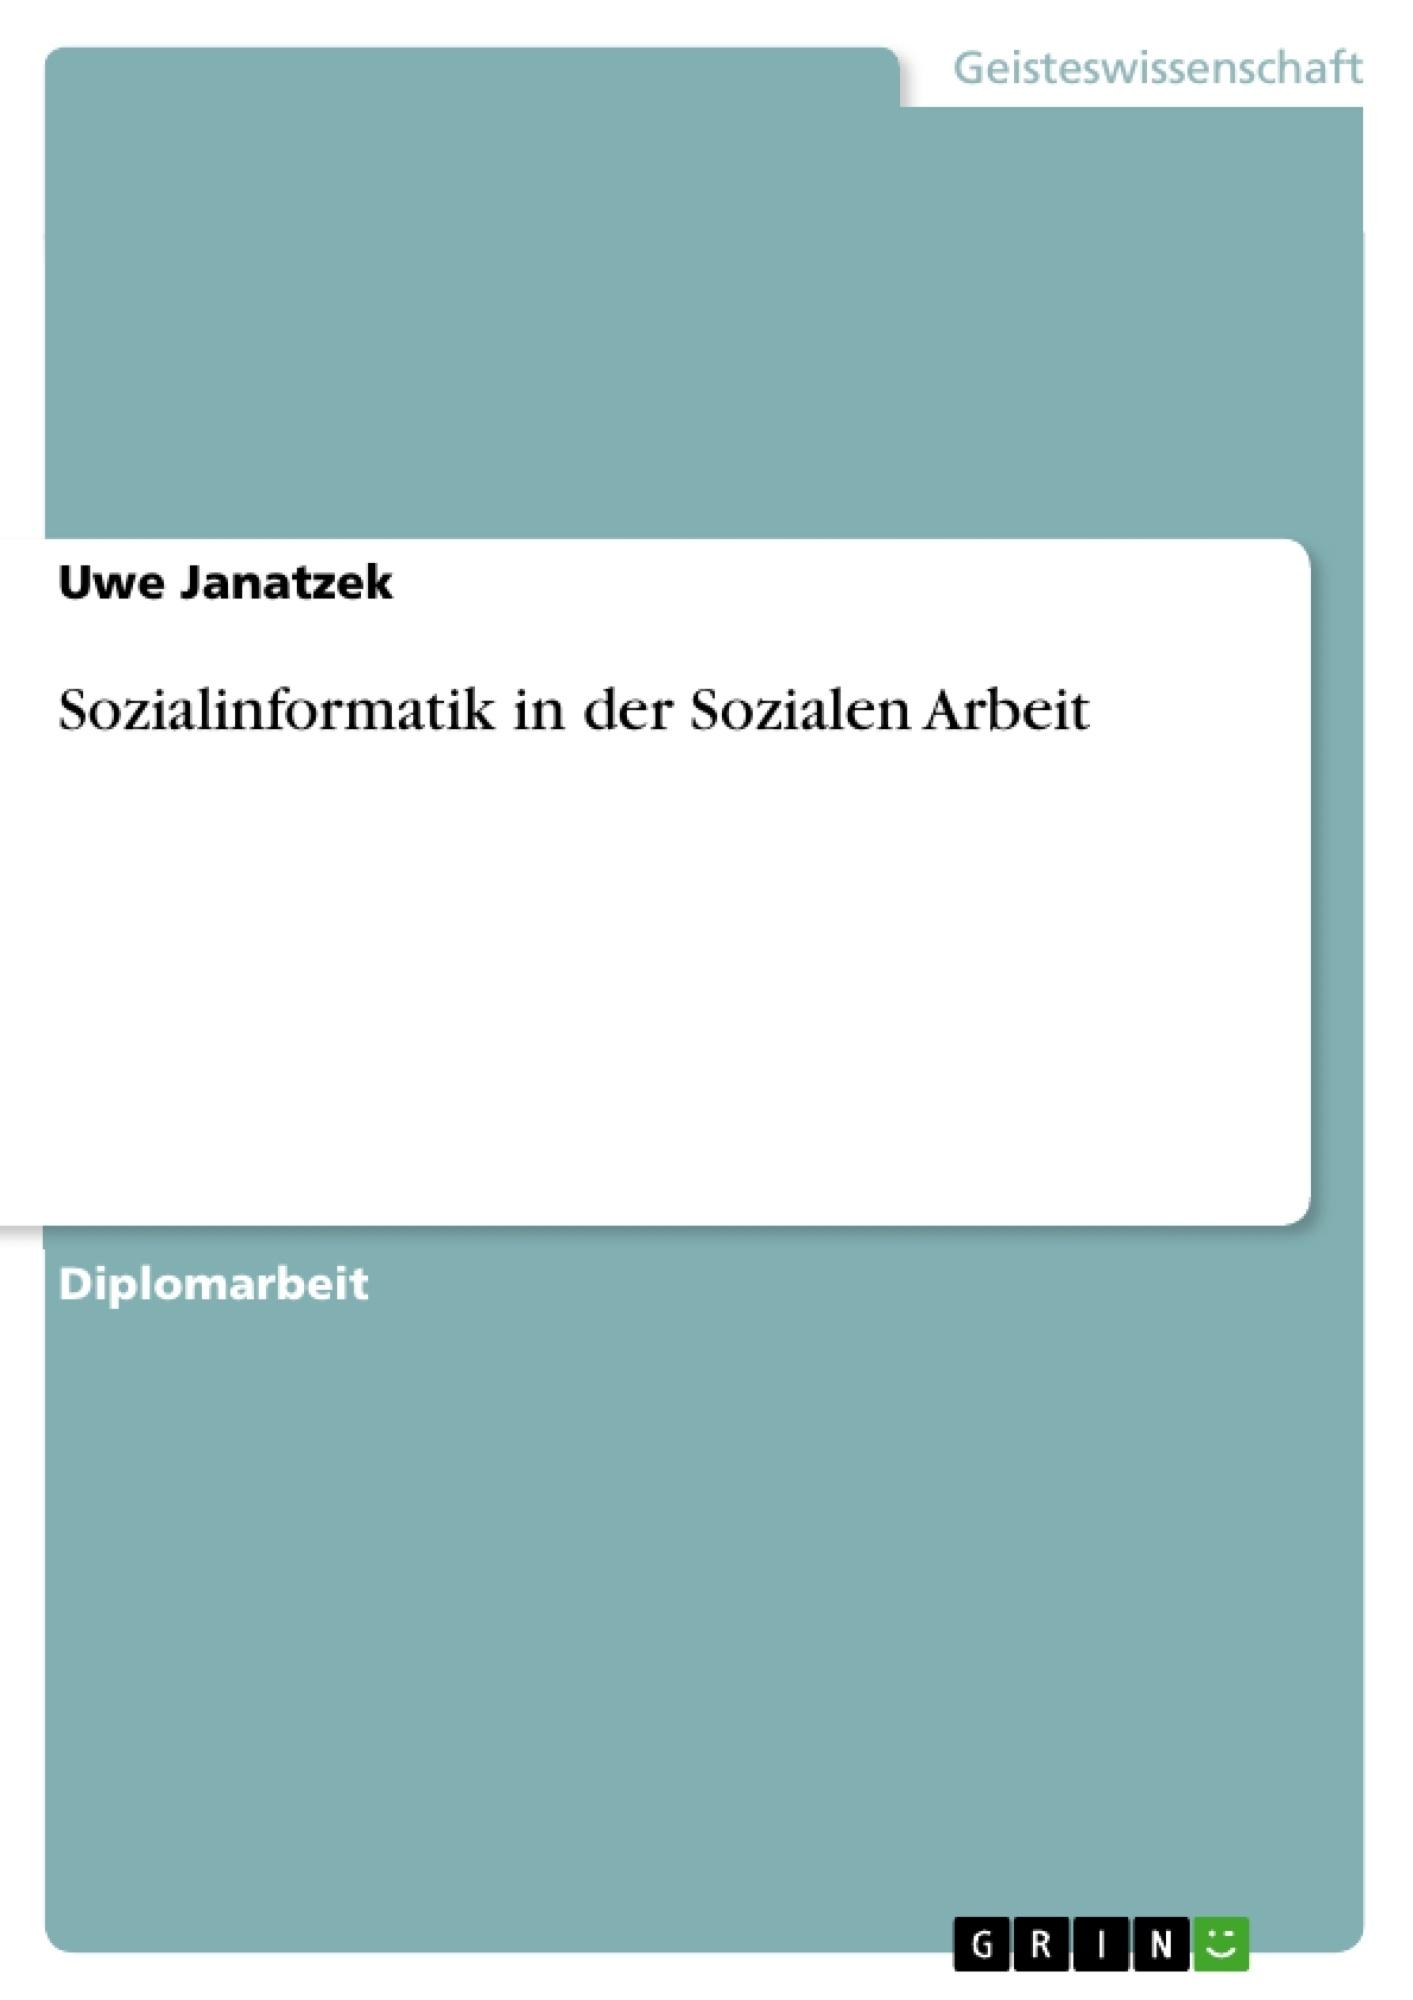 Titel: Sozialinformatik in der Sozialen Arbeit